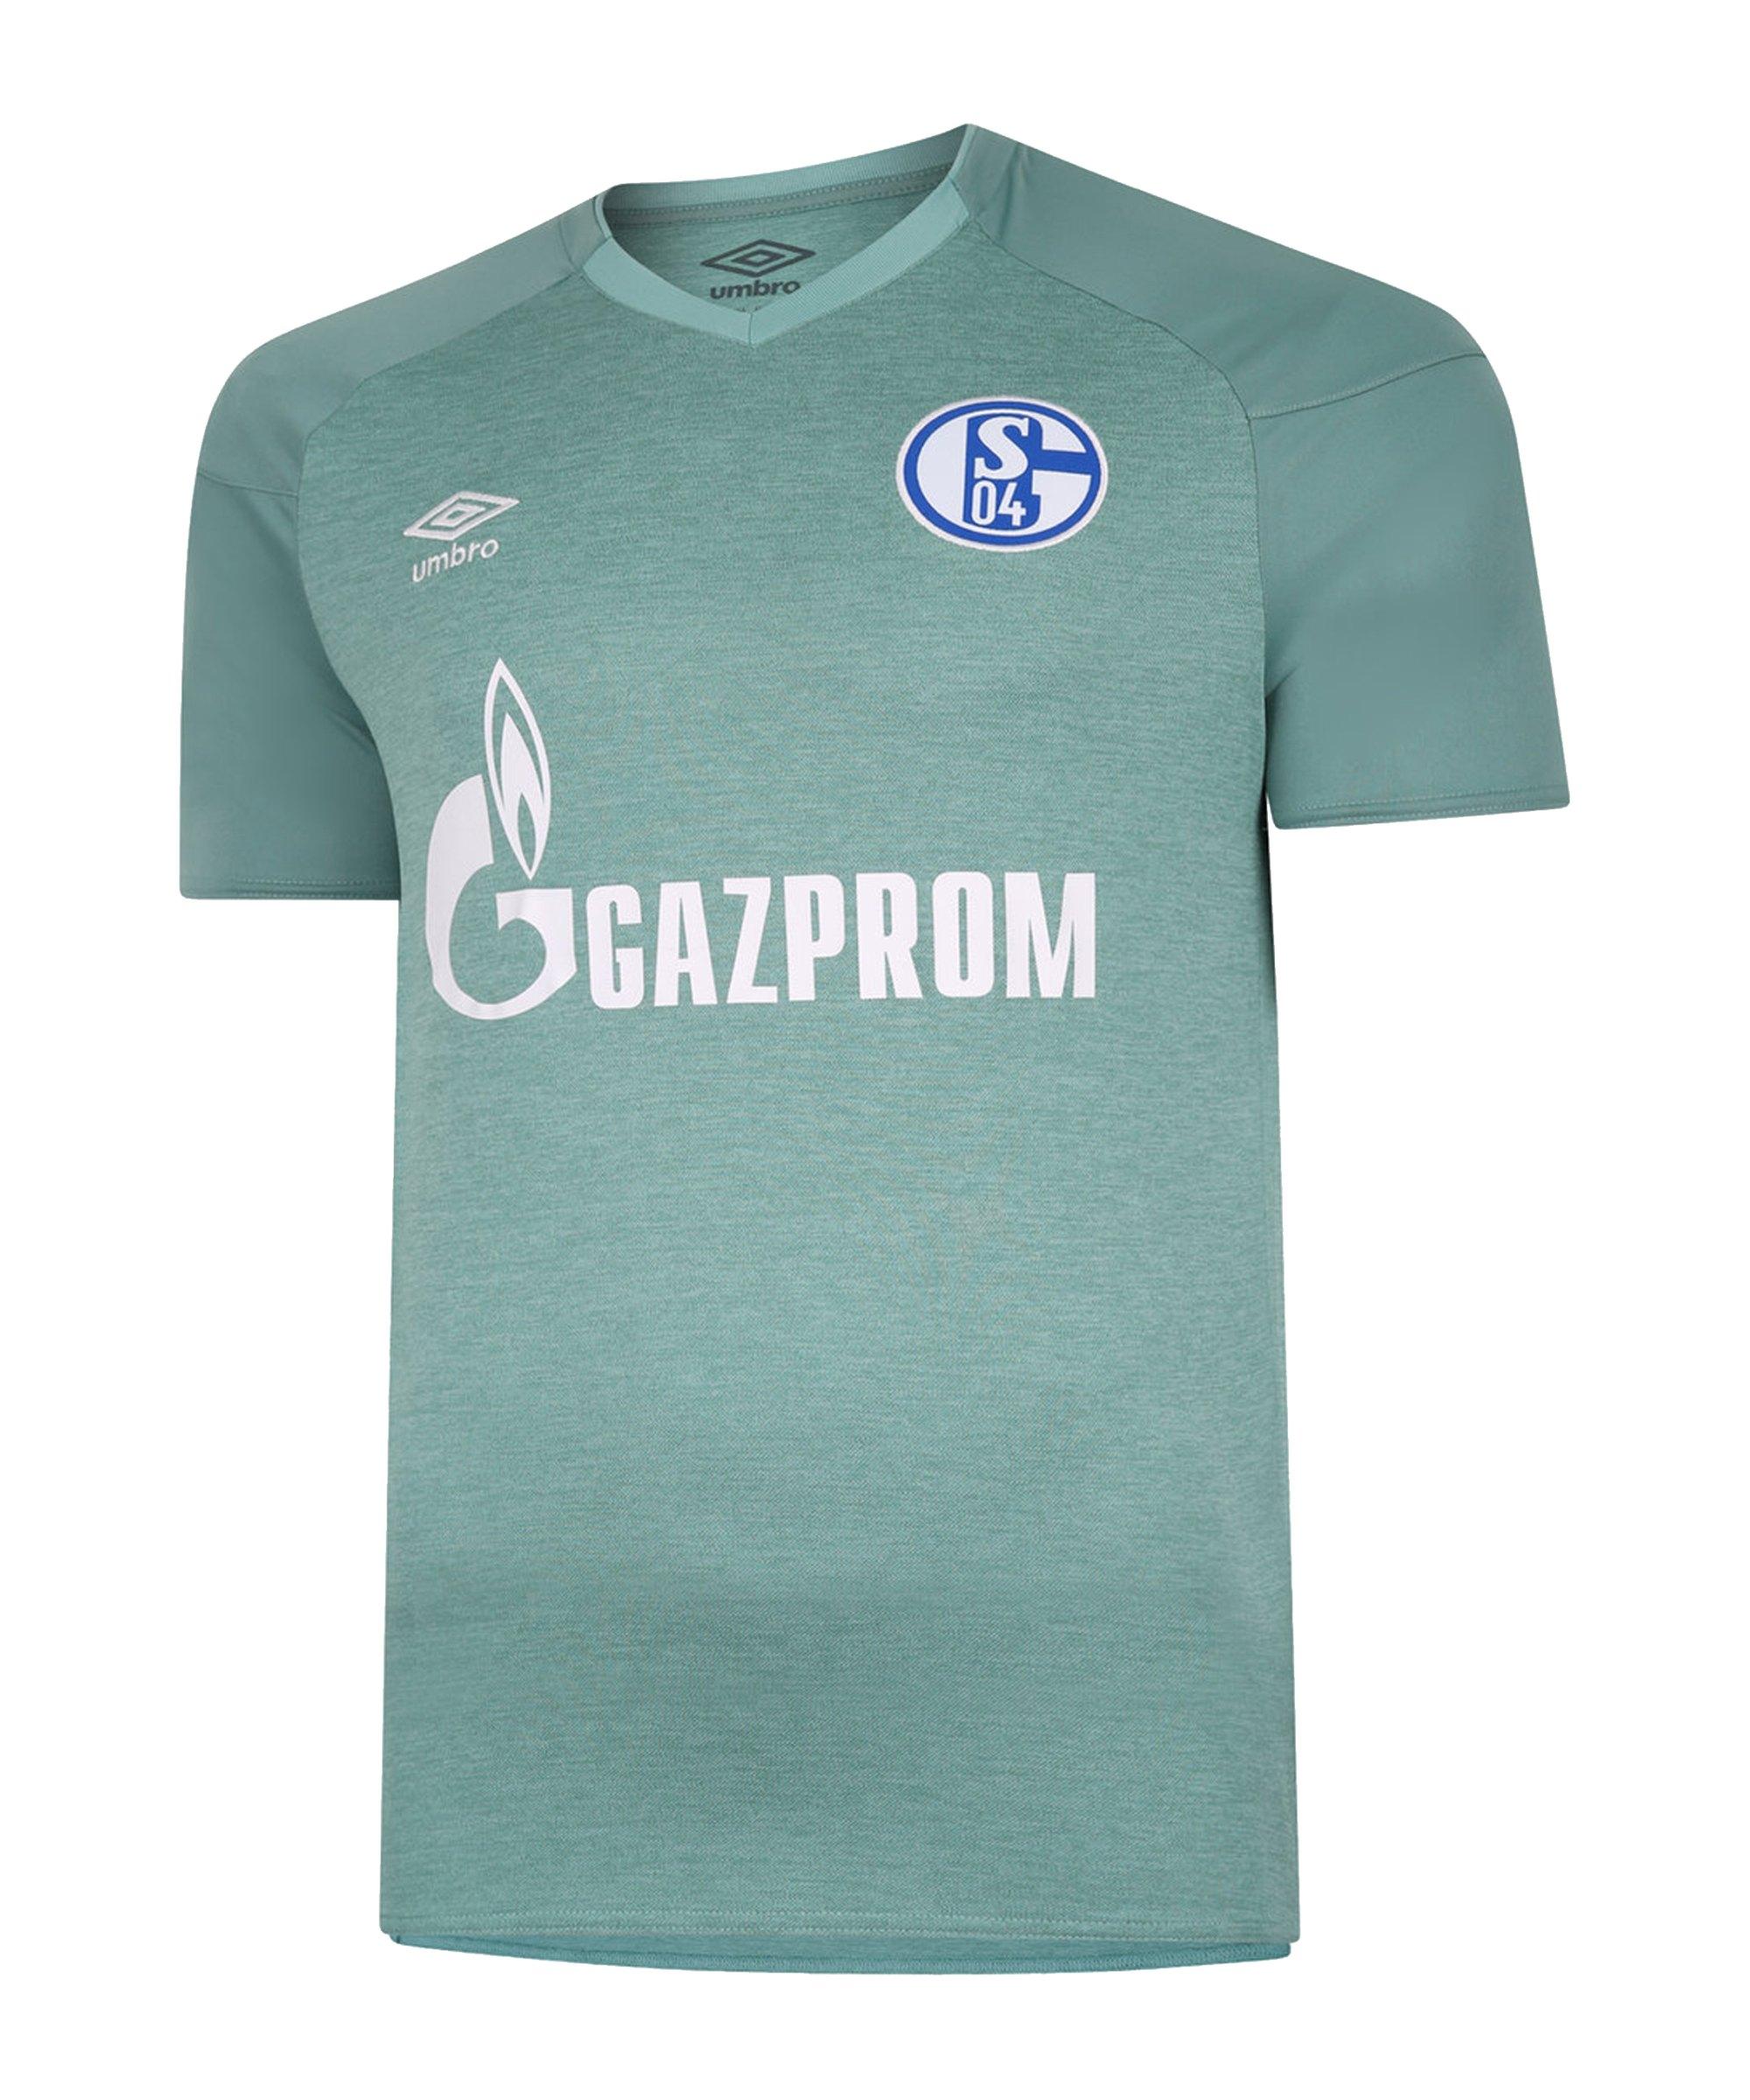 Umbro FC Schalke 04 Trikot 3rd 2020/2021 Grün FKIT - gruen